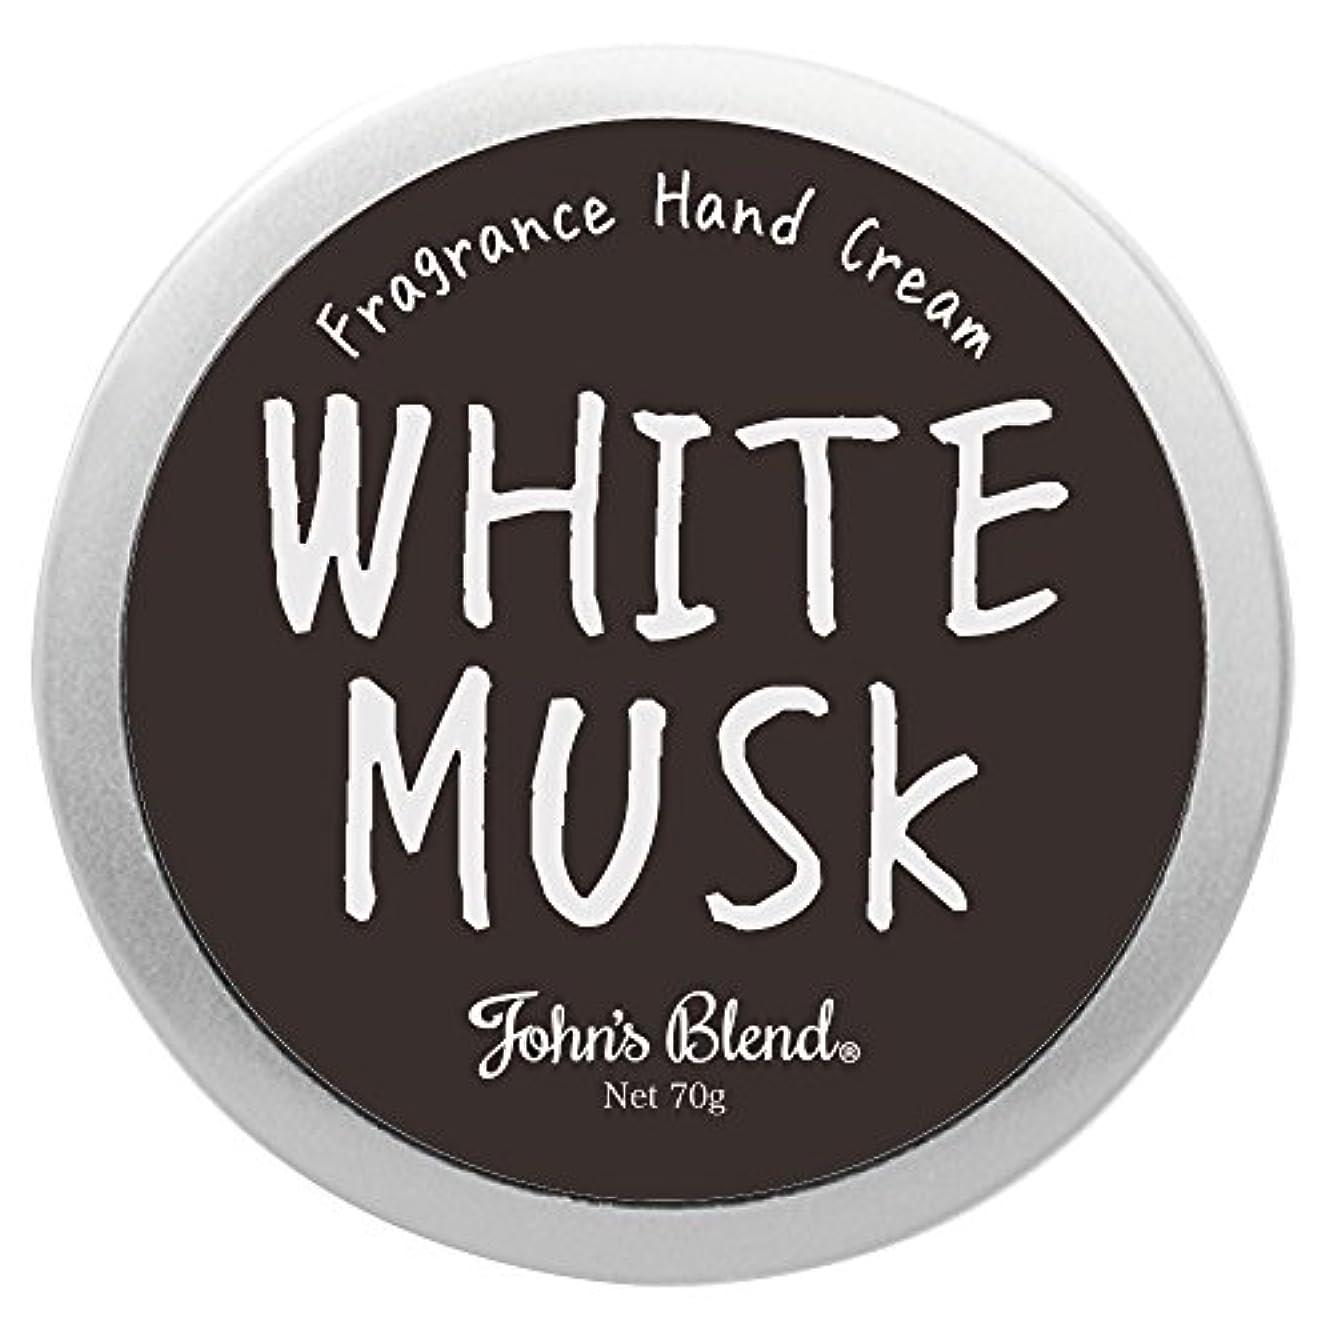 スノーケル教える破裂Johns Blend ハンドクリーム 70g ホワイトムスク の香り OZ-JOD-1-1